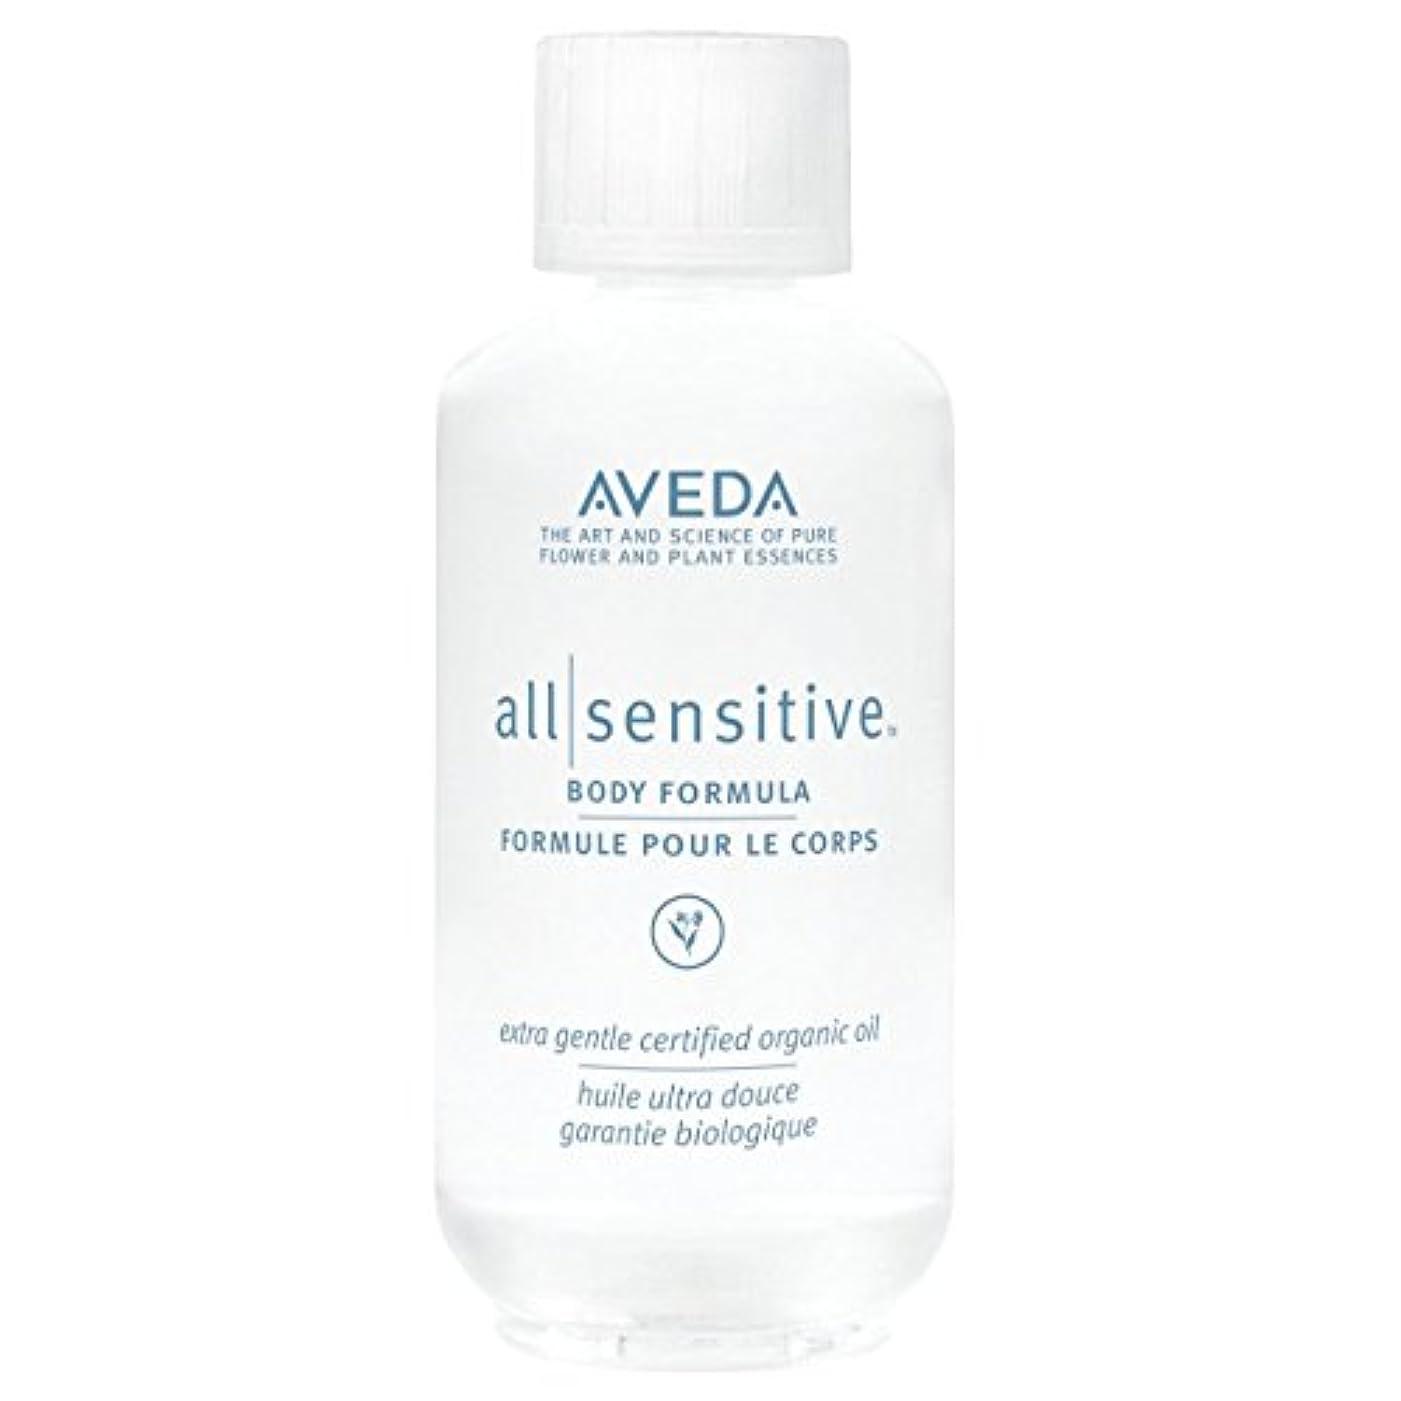 罹患率必要ない話す[AVEDA] アヴェダすべての敏感な身体式50ミリリットル - Aveda All Sensitive Body Formula 50ml [並行輸入品]